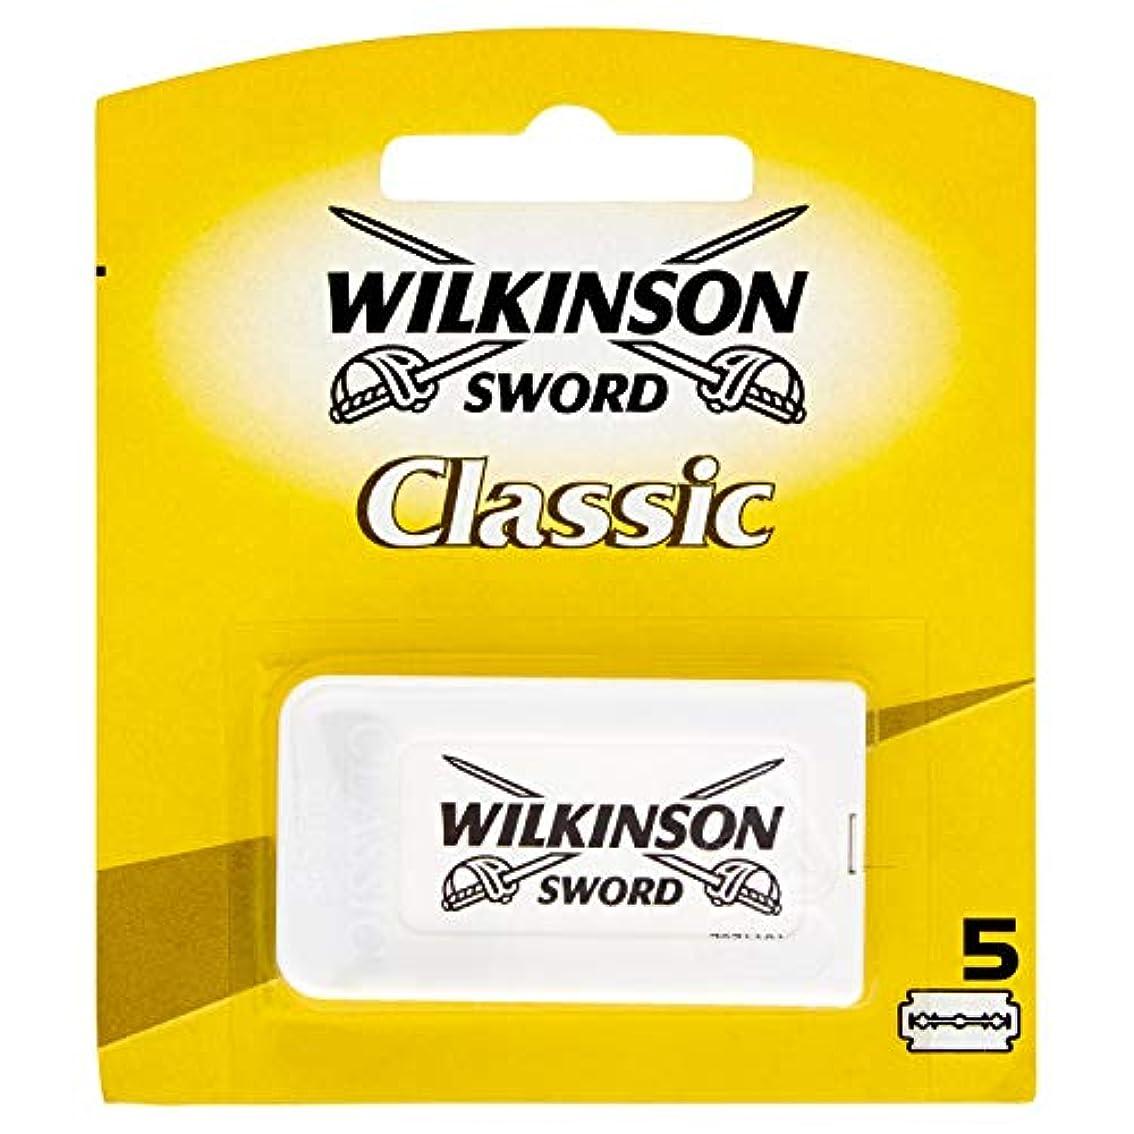 わな粒ありそうWilkinson Sword(ウィルキンソンソード) Classic 両刃替刃 5個入り [並行輸入品]